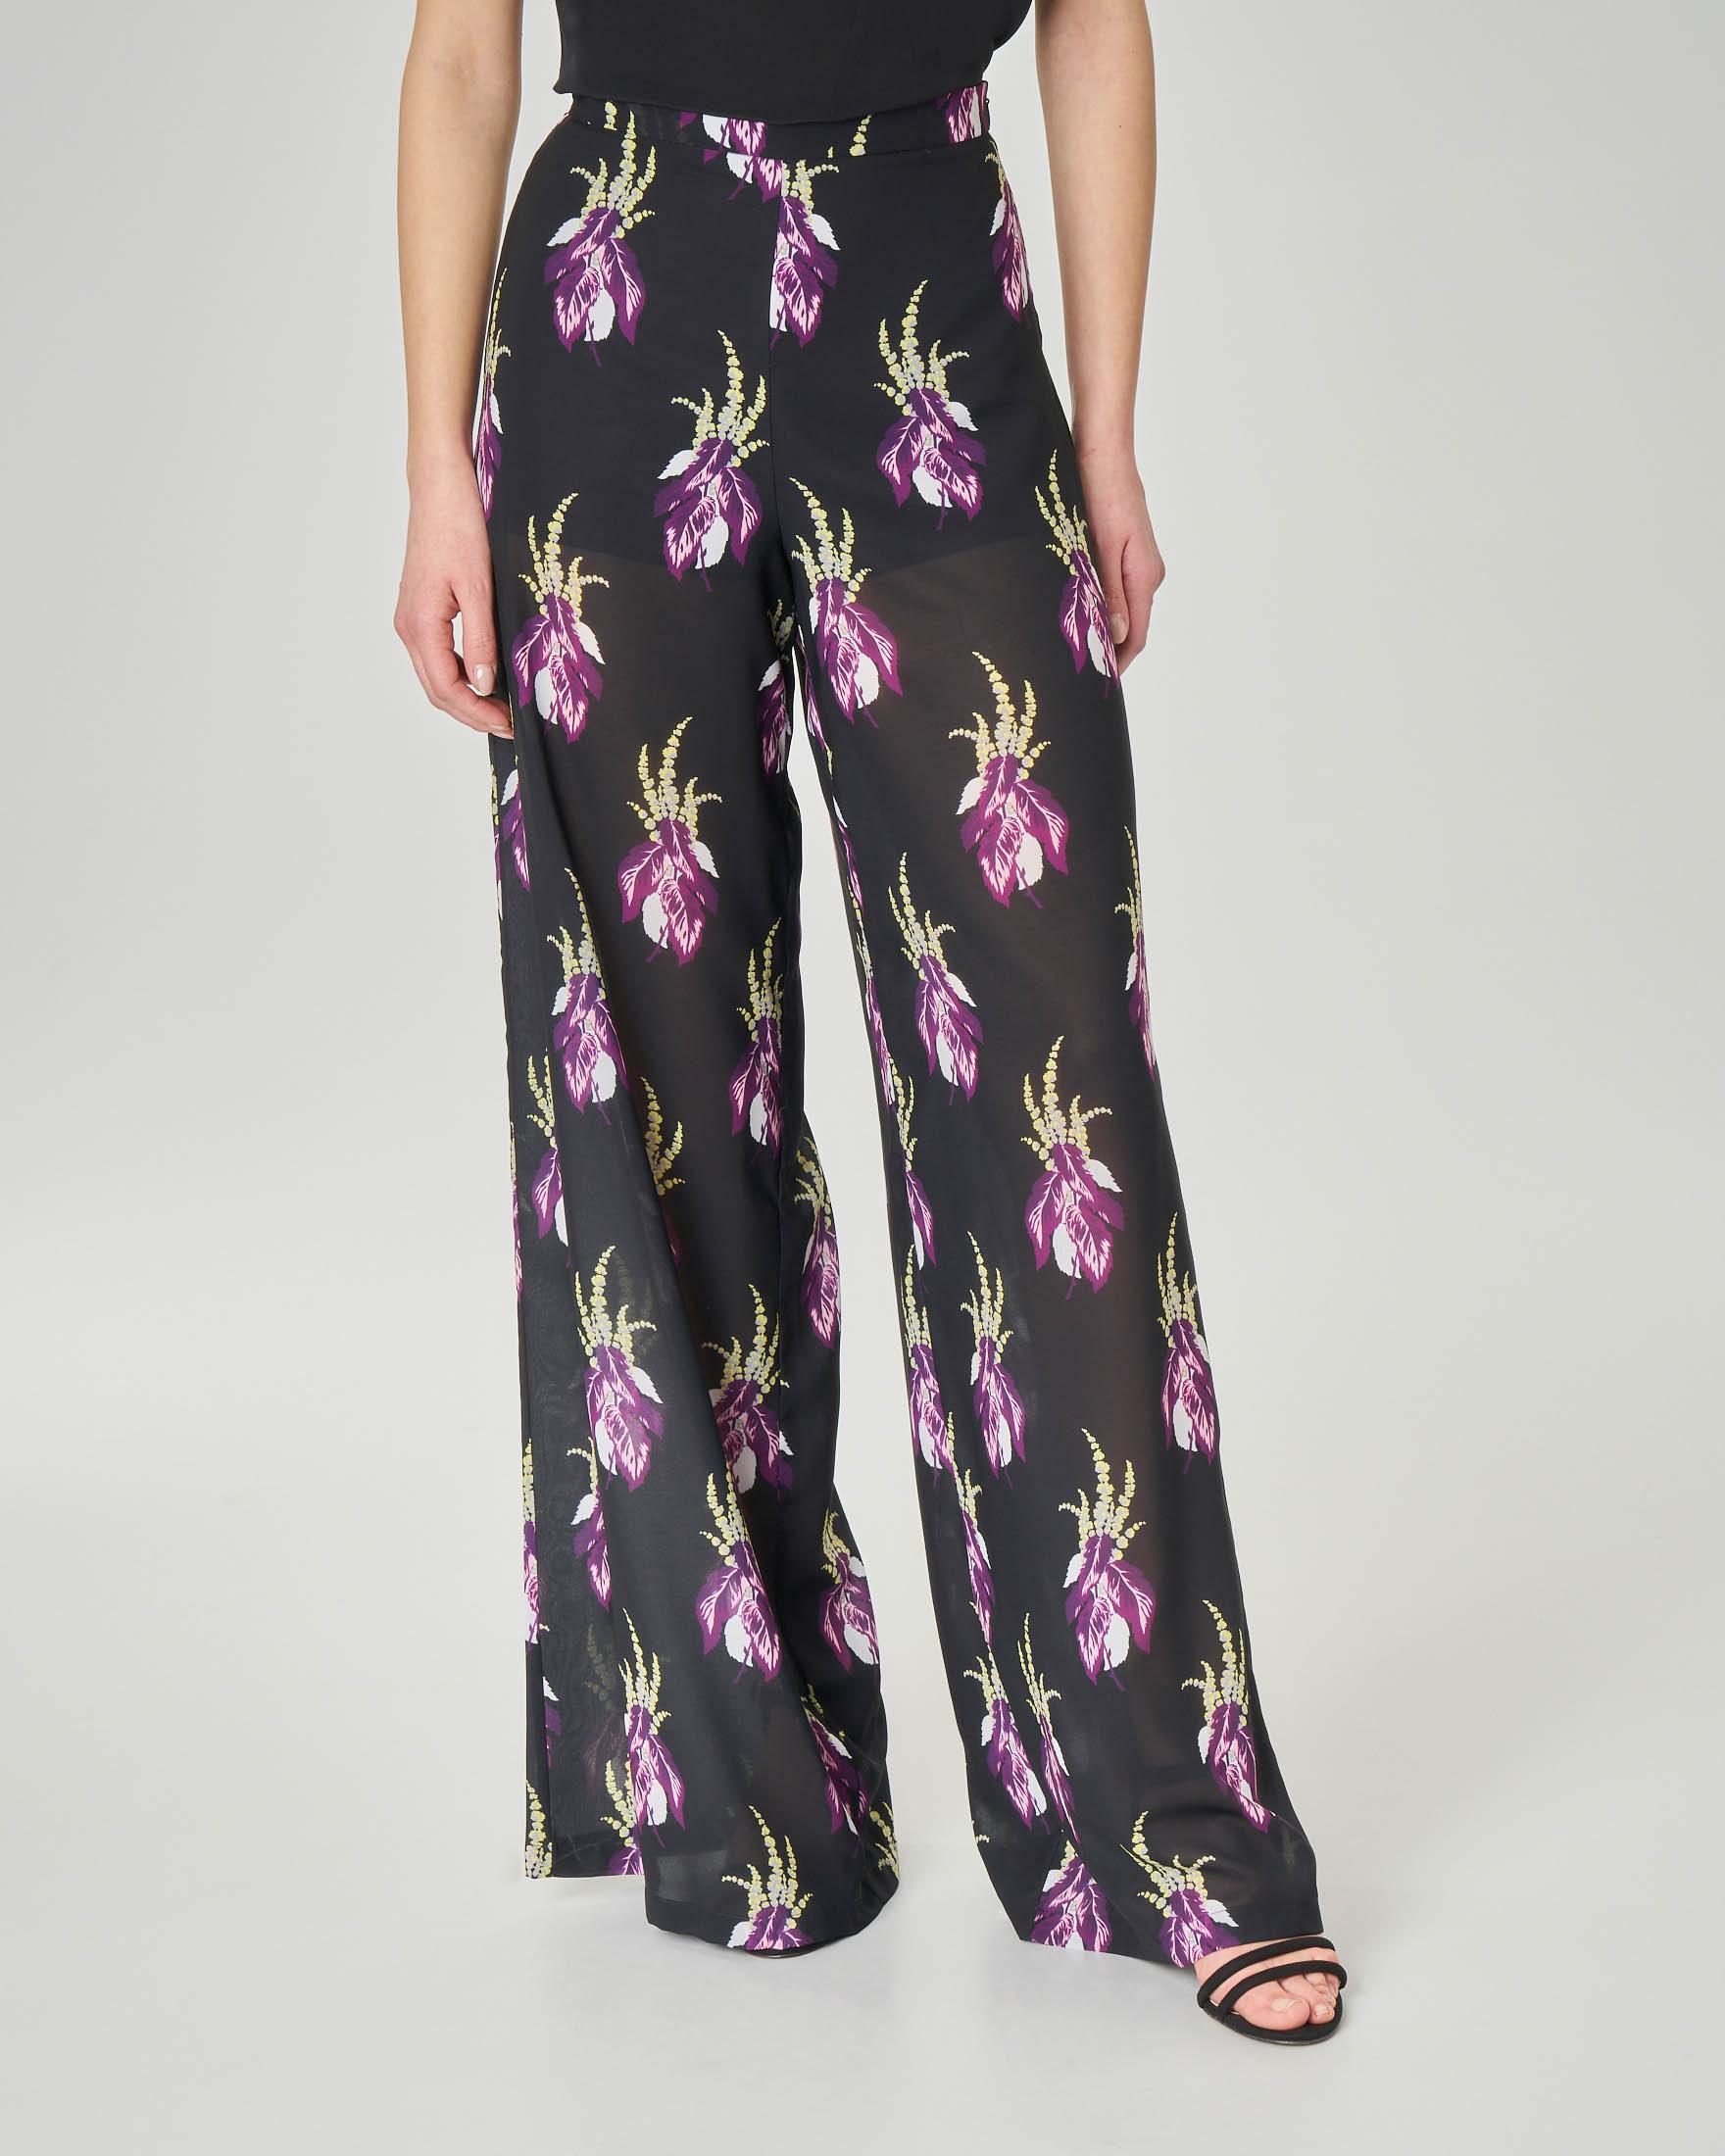 Pantaloni palazzo neri in georgette effetto trasparente con stampa floreale